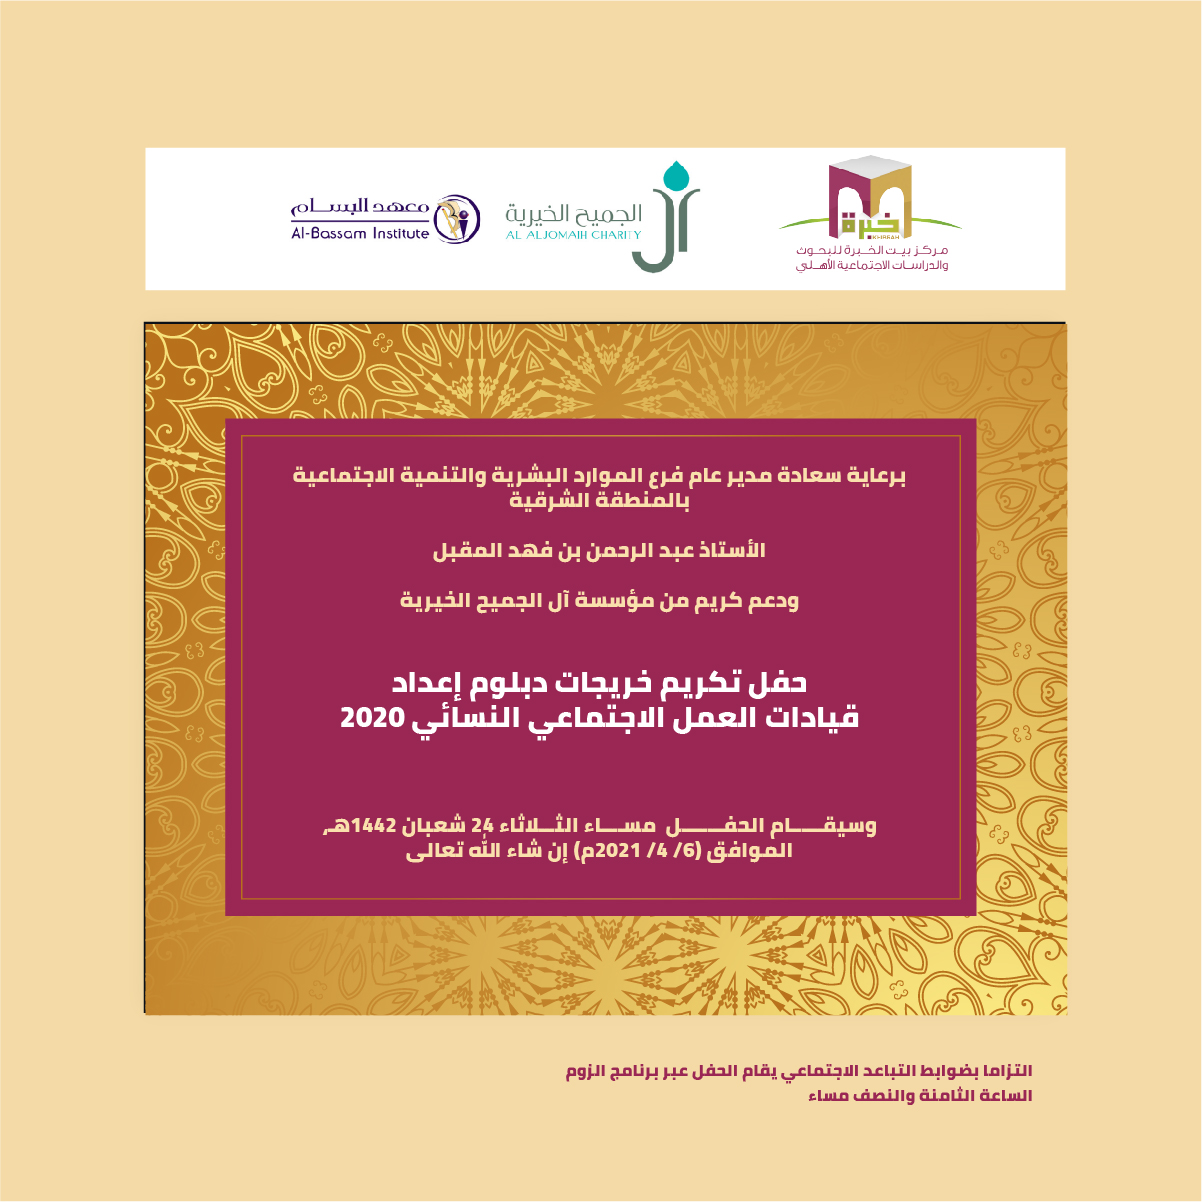 مركز_خبرة يحتفل بدفعة من القيادات النسائية من خريجات دبلوم إعداد القيادات الاجتماعية